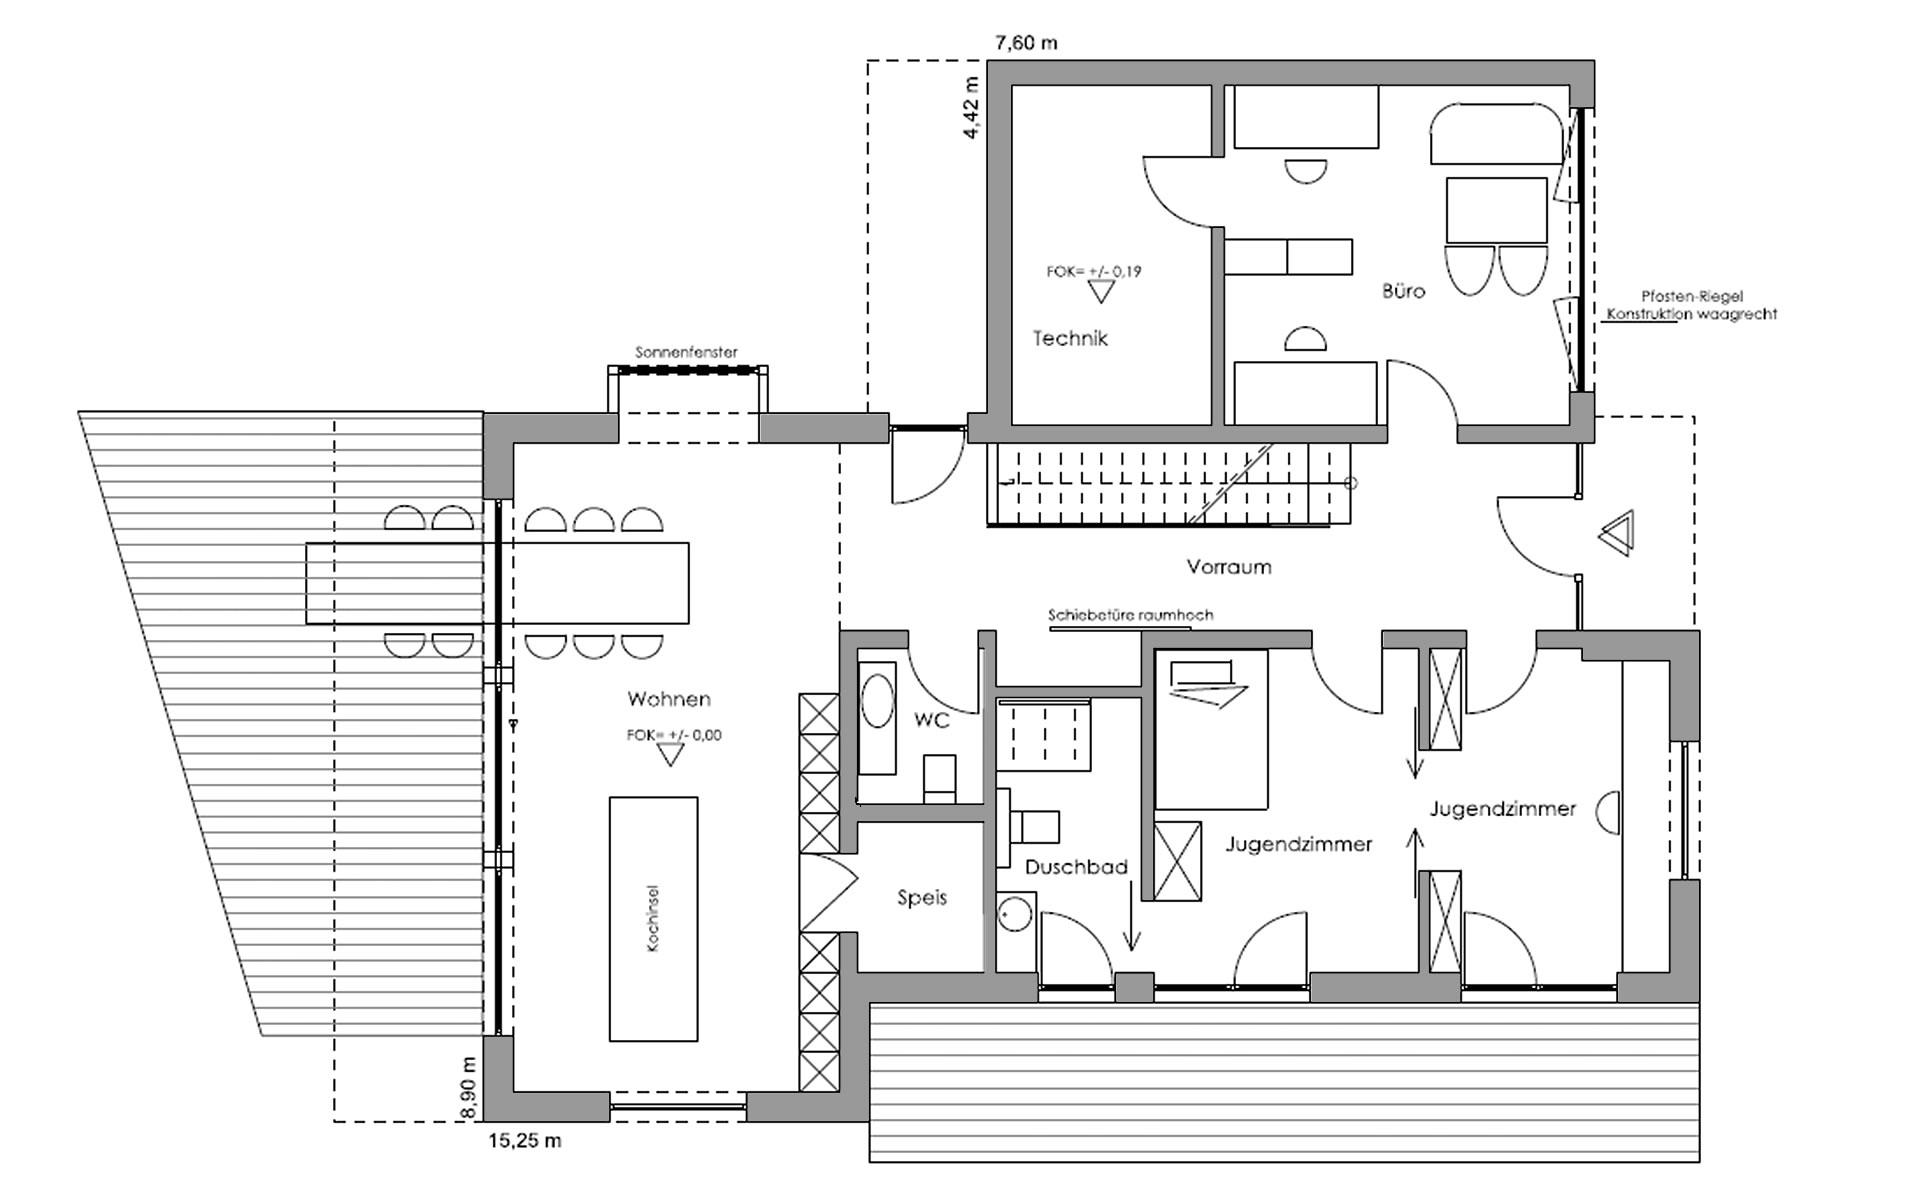 Erdgeschoss Ambienti+ von Regnauer Hausbau GmbH & Co. KG